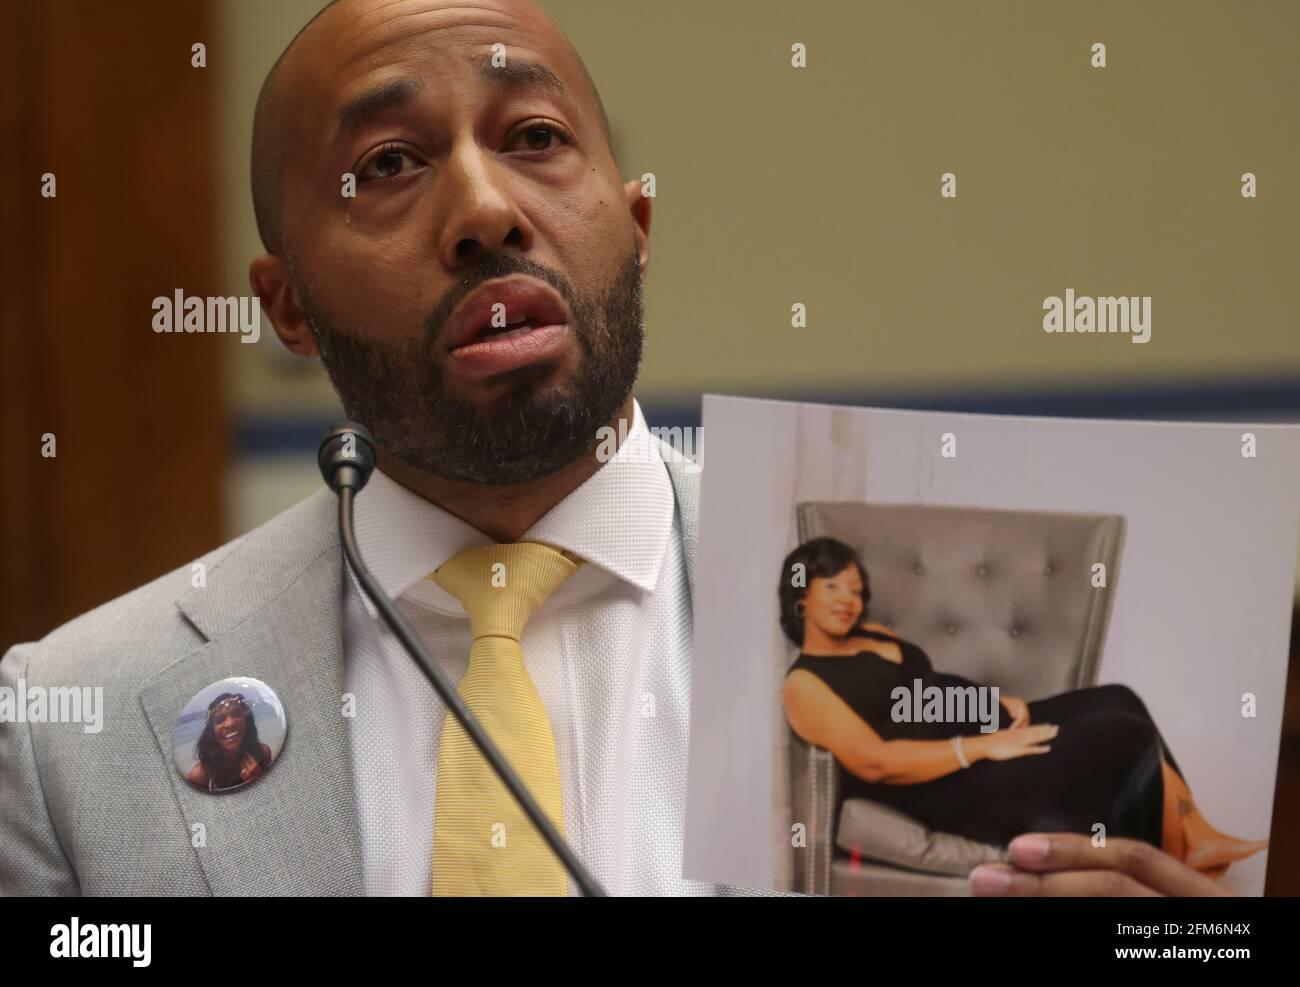 Charles Johnson, esposo de Kira Johnson y fundador de 4Kira4Moms, arroja una lágrima mientras testifica sobre la pérdida de su esposa durante una cesárea de rutina y habla sobre otras mujeres perdidas durante el parto durante una audiencia híbrida del Comité de Supervisión y Reforma de la Casa titulada, 'Birthing When Black: Examinando la crisis de la salud materna negra de Estados Unidos' en Capitol Hill en Washington, EE.UU., 6 de mayo de 2021. REUTERS/Leah Milis Foto de stock